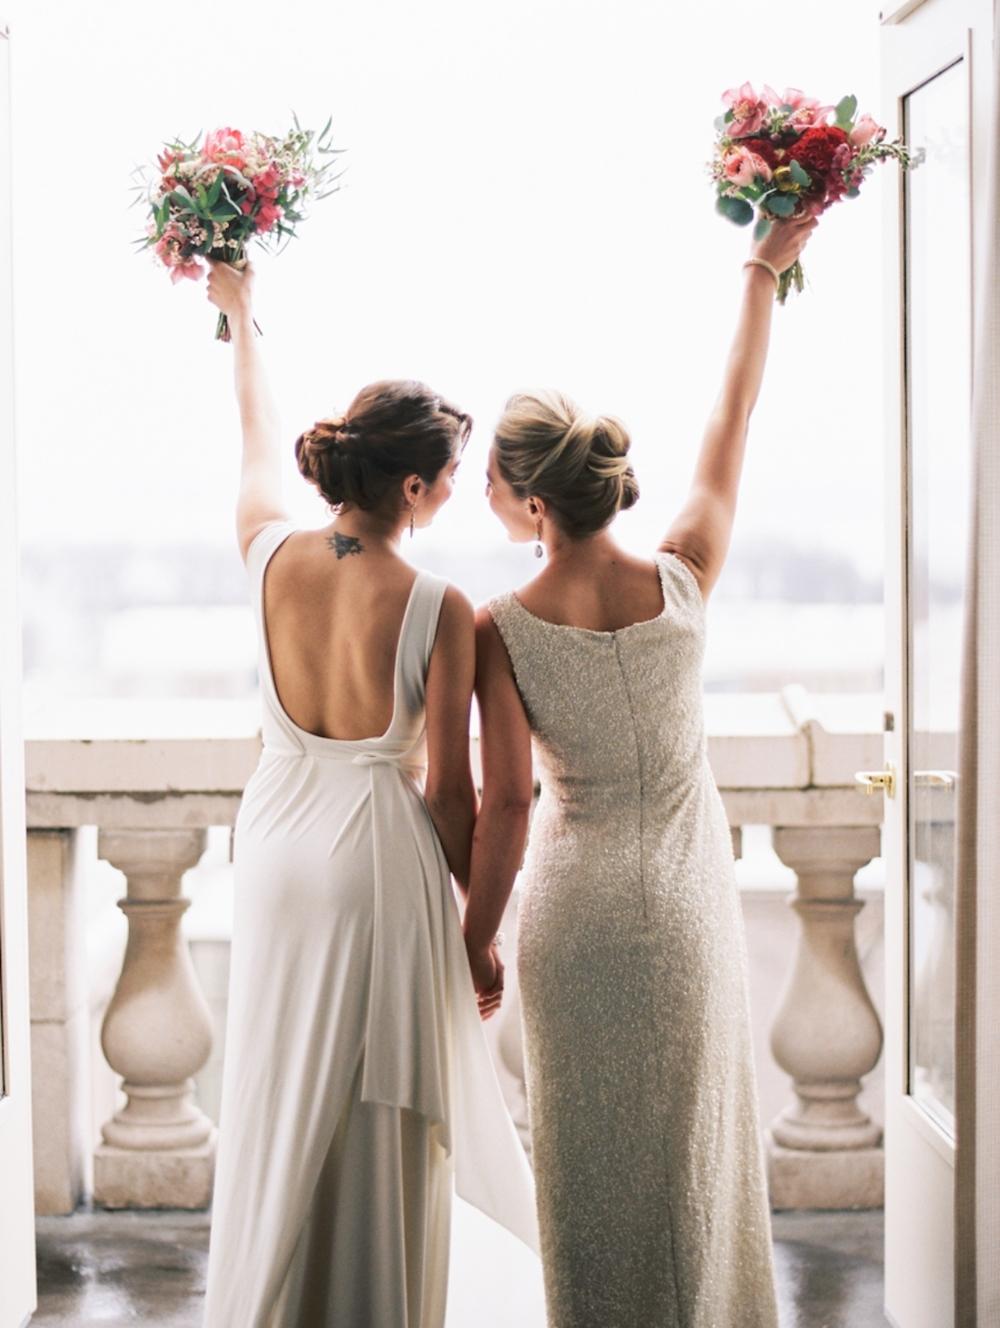 Alyssa Kristin Wedding Dresses Chicago : Bridal Gowns Chicago — JOURNAL